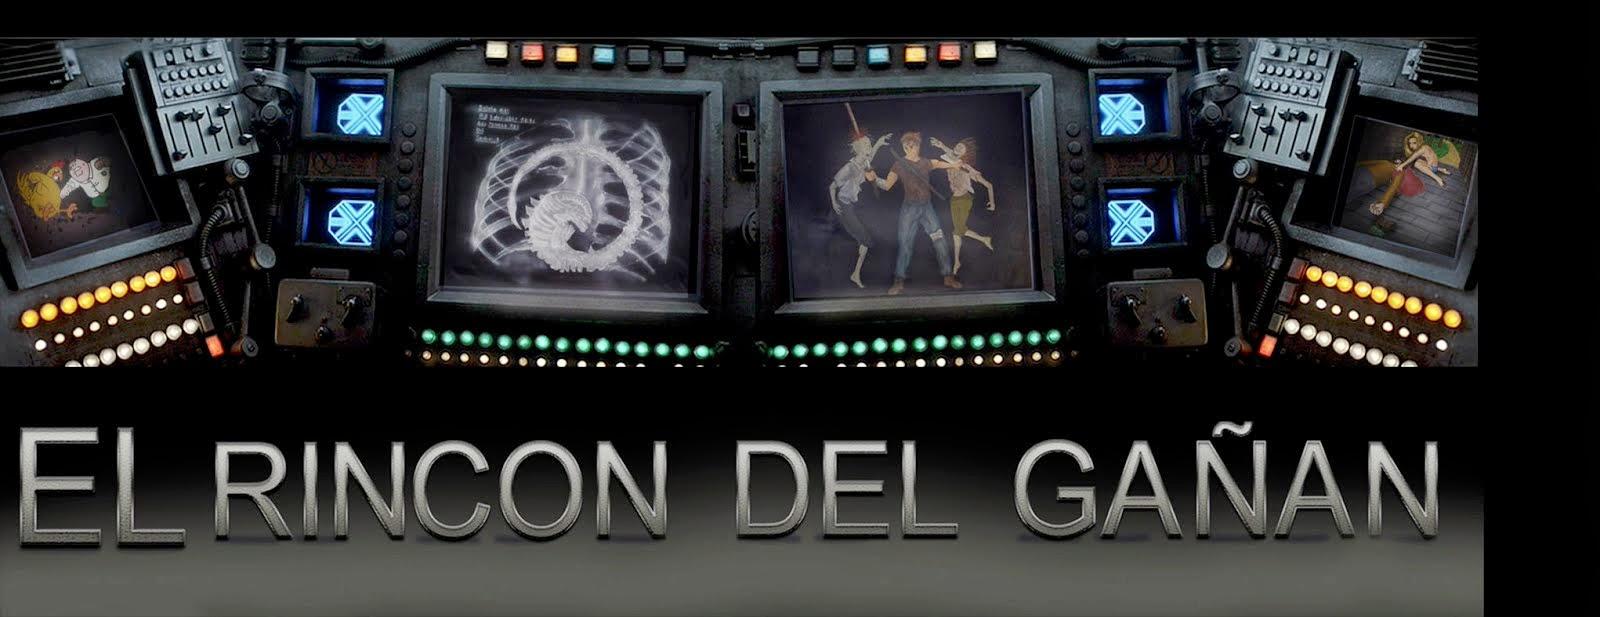 EL RINCÓN DEL GAÑAN